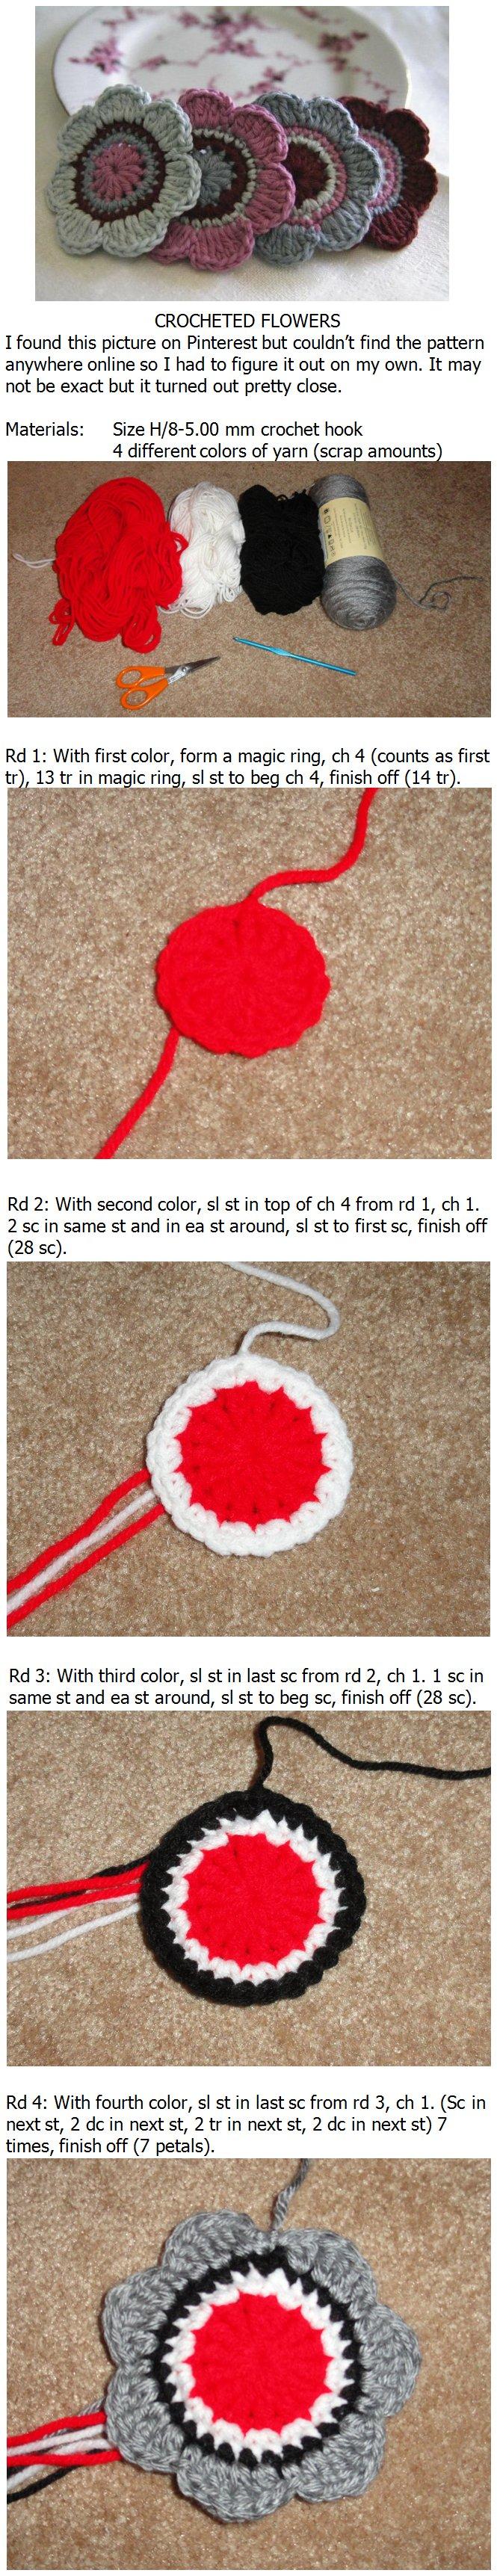 Crocheted flower pattern